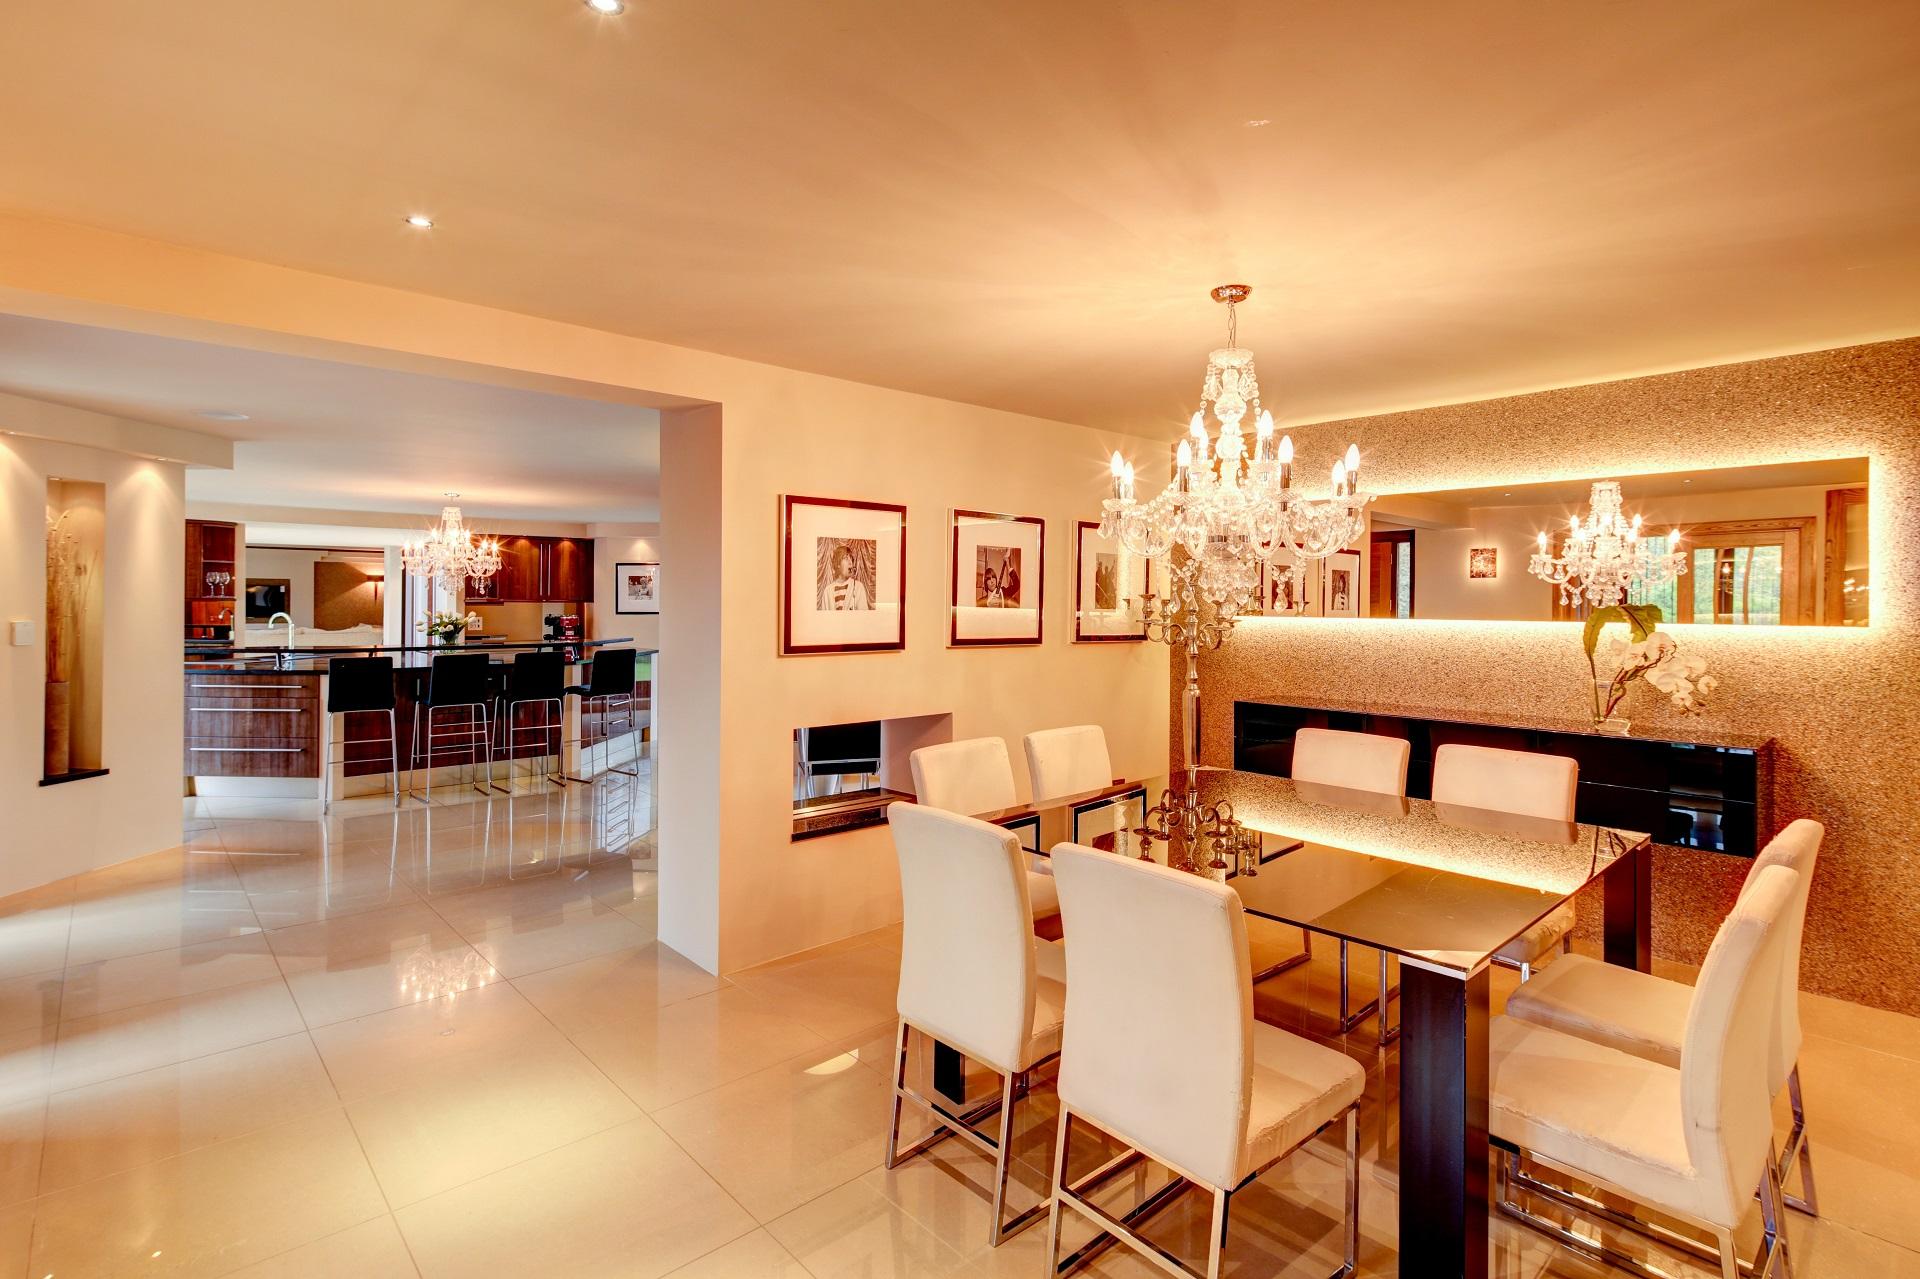 luxury interior, Interior design, dining room, breakfast bar, open plan